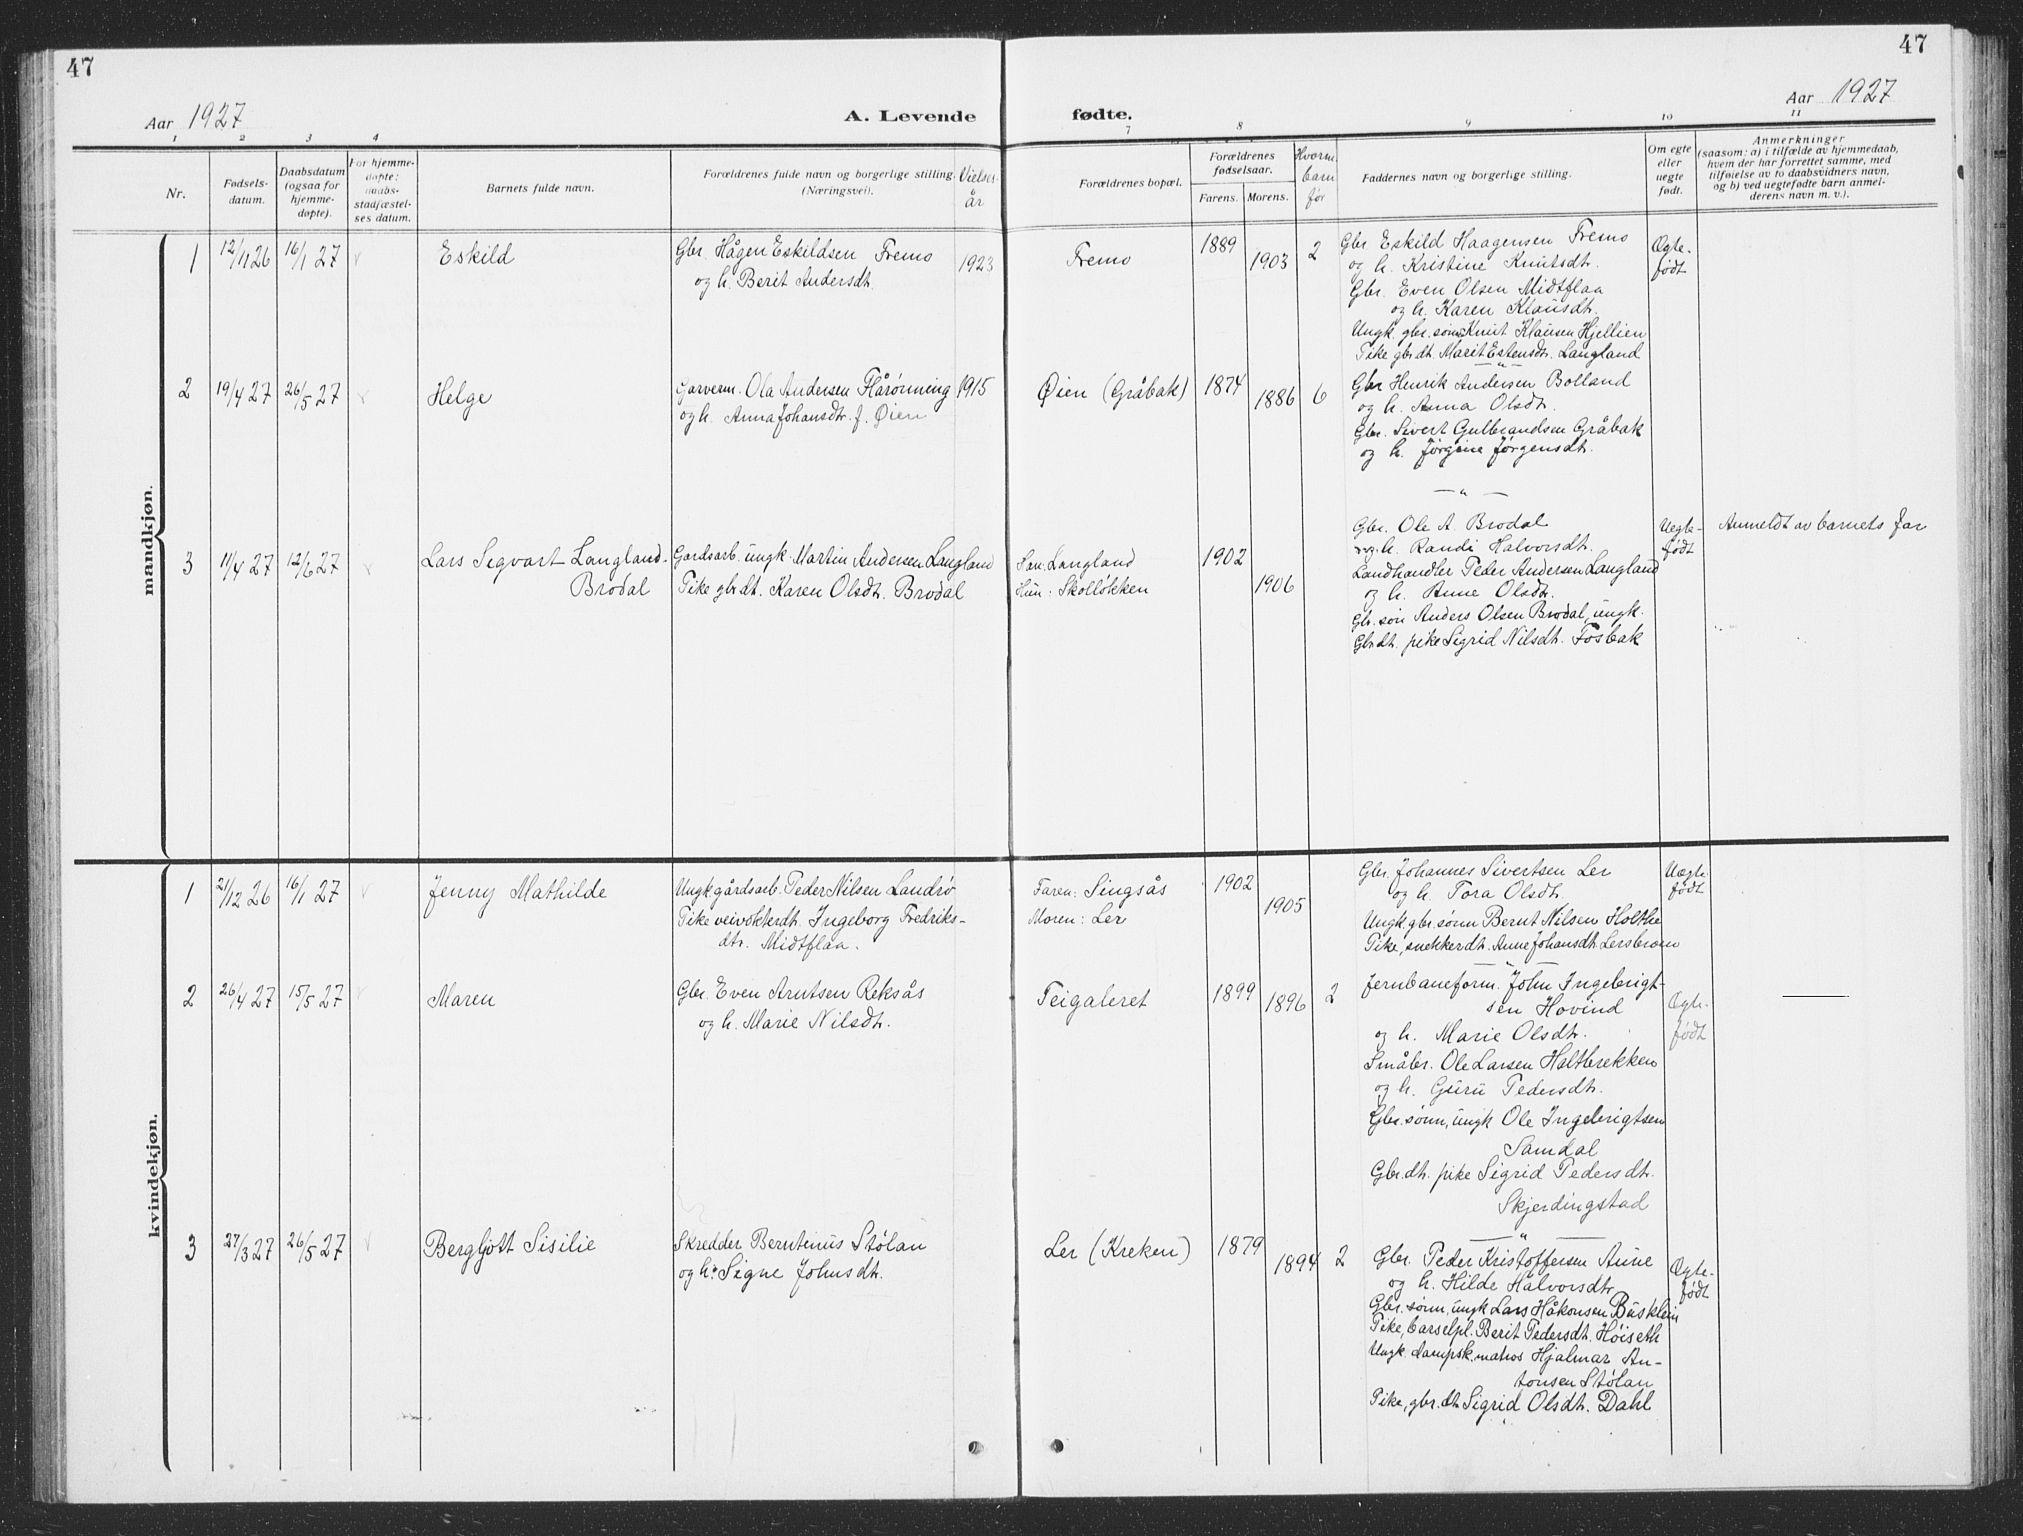 SAT, Ministerialprotokoller, klokkerbøker og fødselsregistre - Sør-Trøndelag, 693/L1124: Klokkerbok nr. 693C05, 1911-1941, s. 47